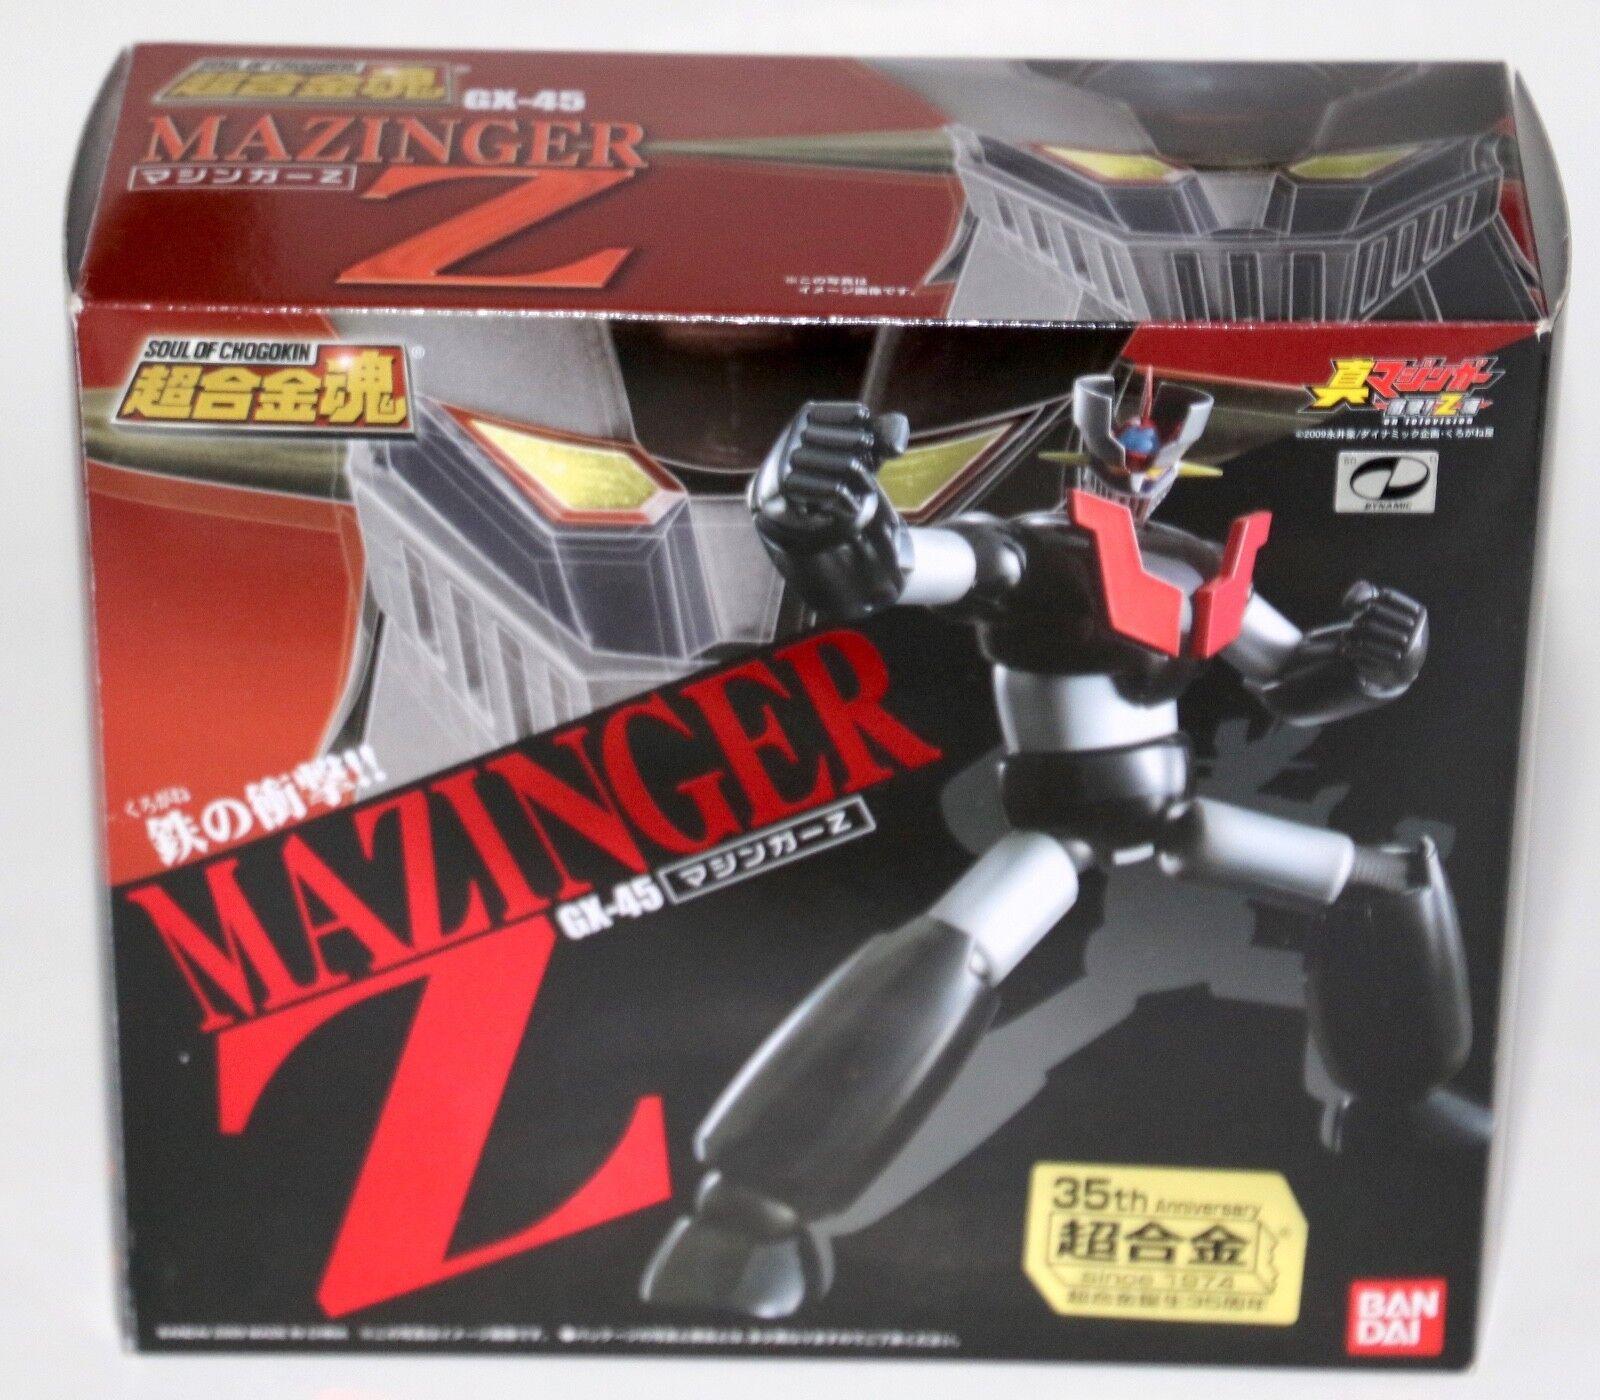 GX -45 Mazinger Z Soul of Chogokin Metal Figur